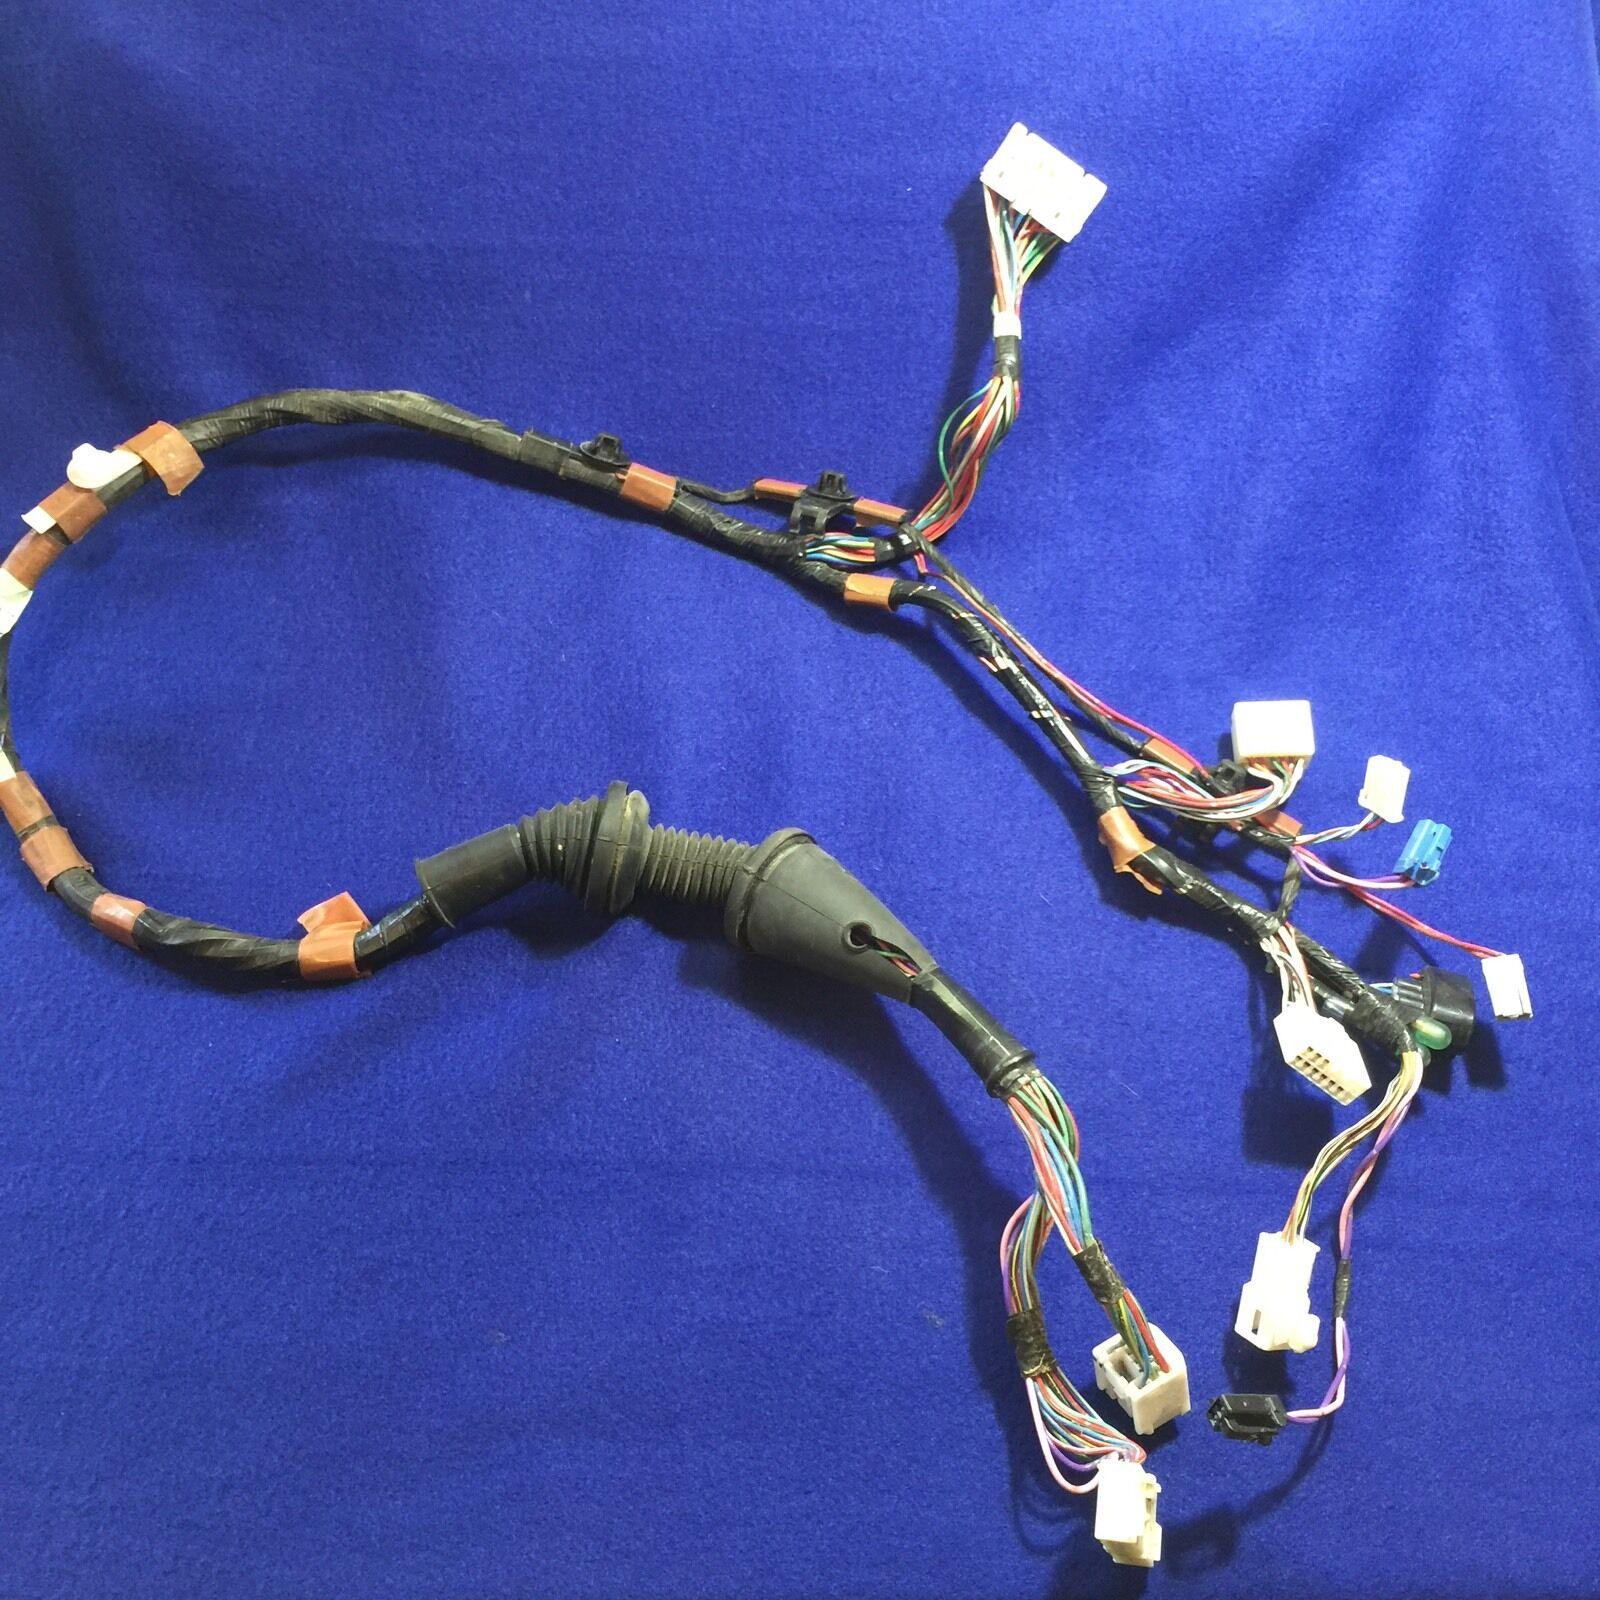 s l1600 1998 2000 lexus es300 driver door wiring harness left front 2000 lexus es300 wiring harness at aneh.co